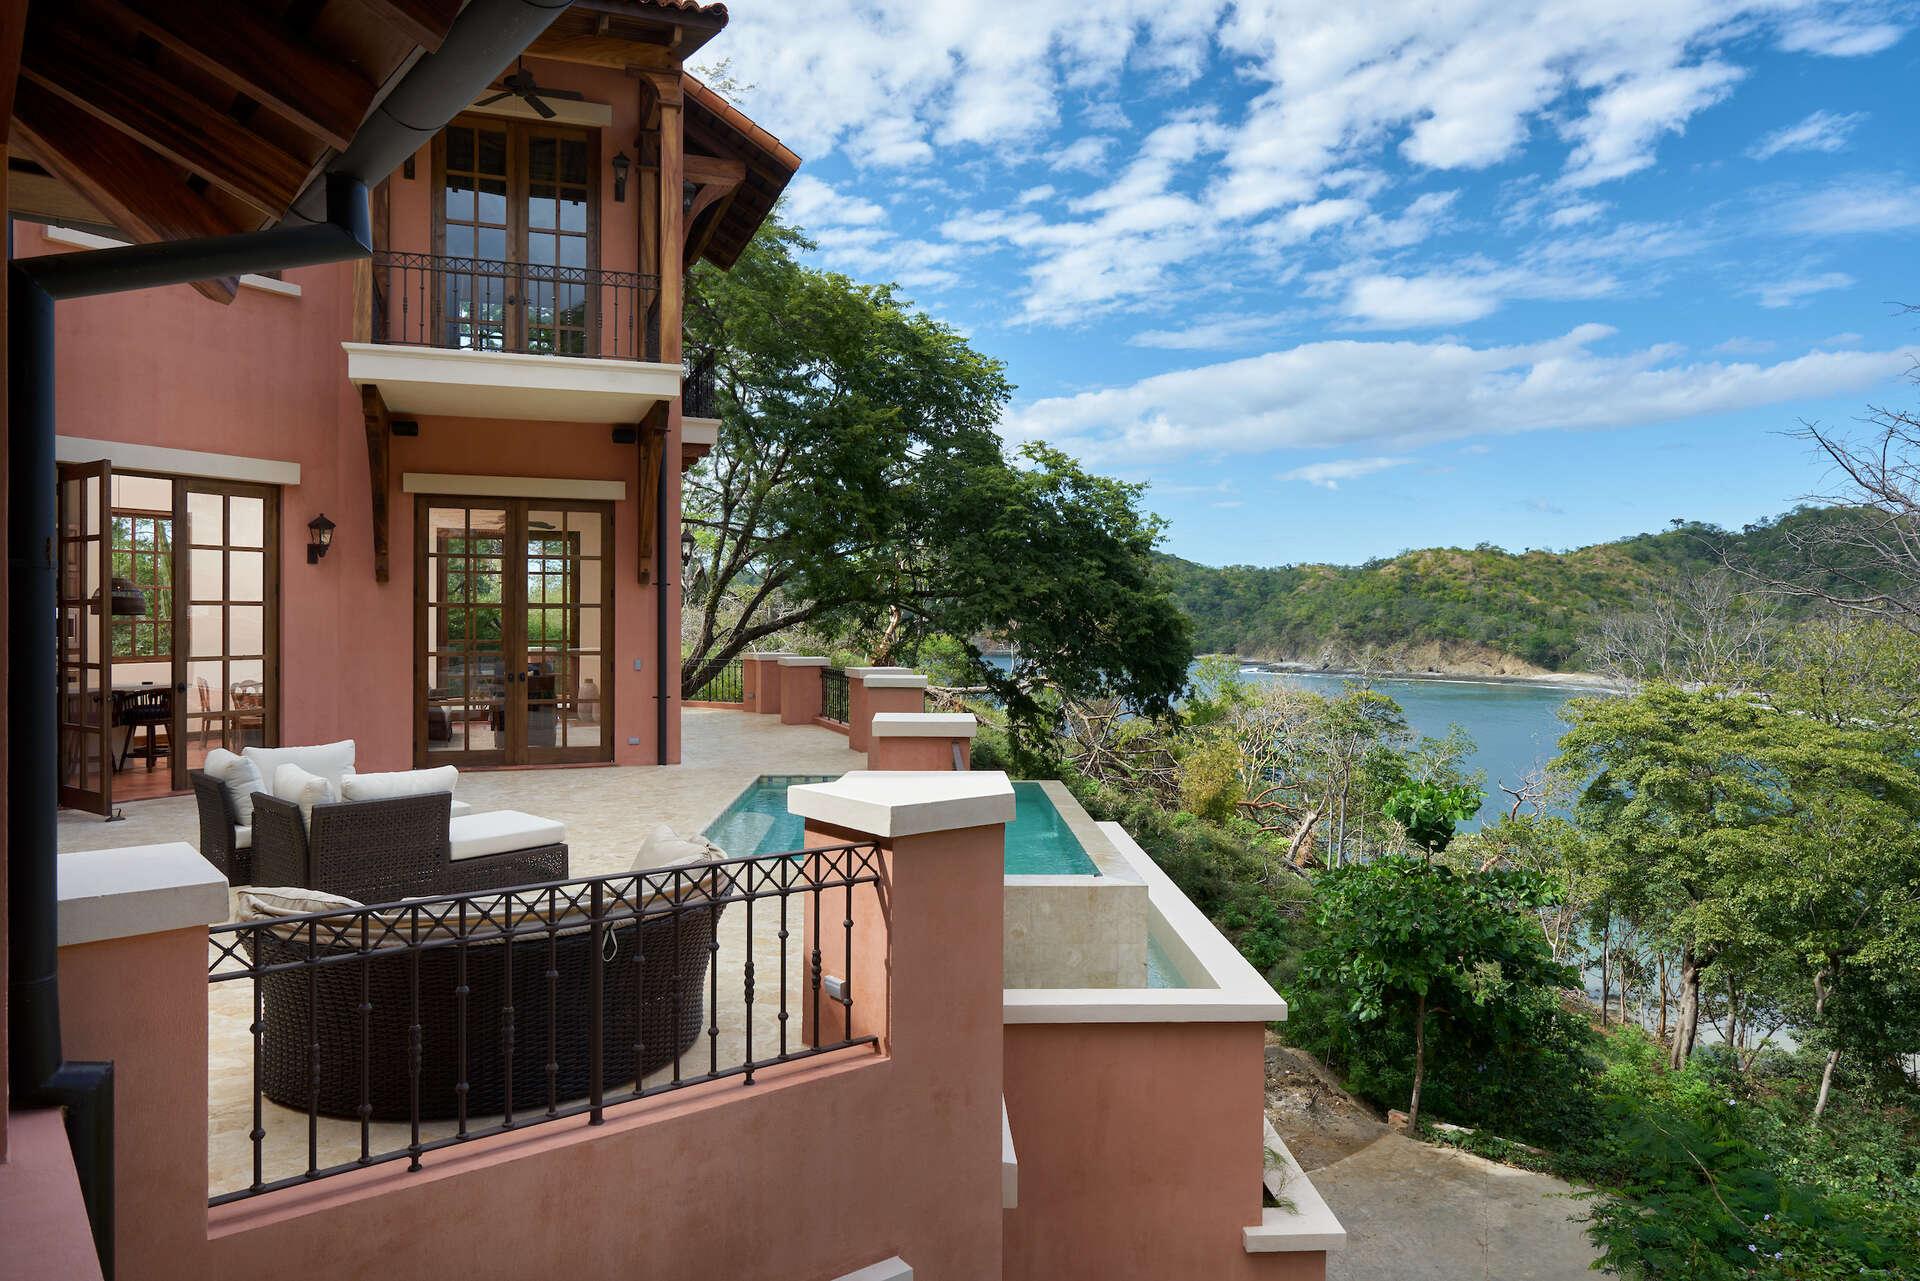 Central america villa rentals - Costa rica - Guanacaste - Las catalinas - Casa Pacifica, Las Catalinas - Image 1/42